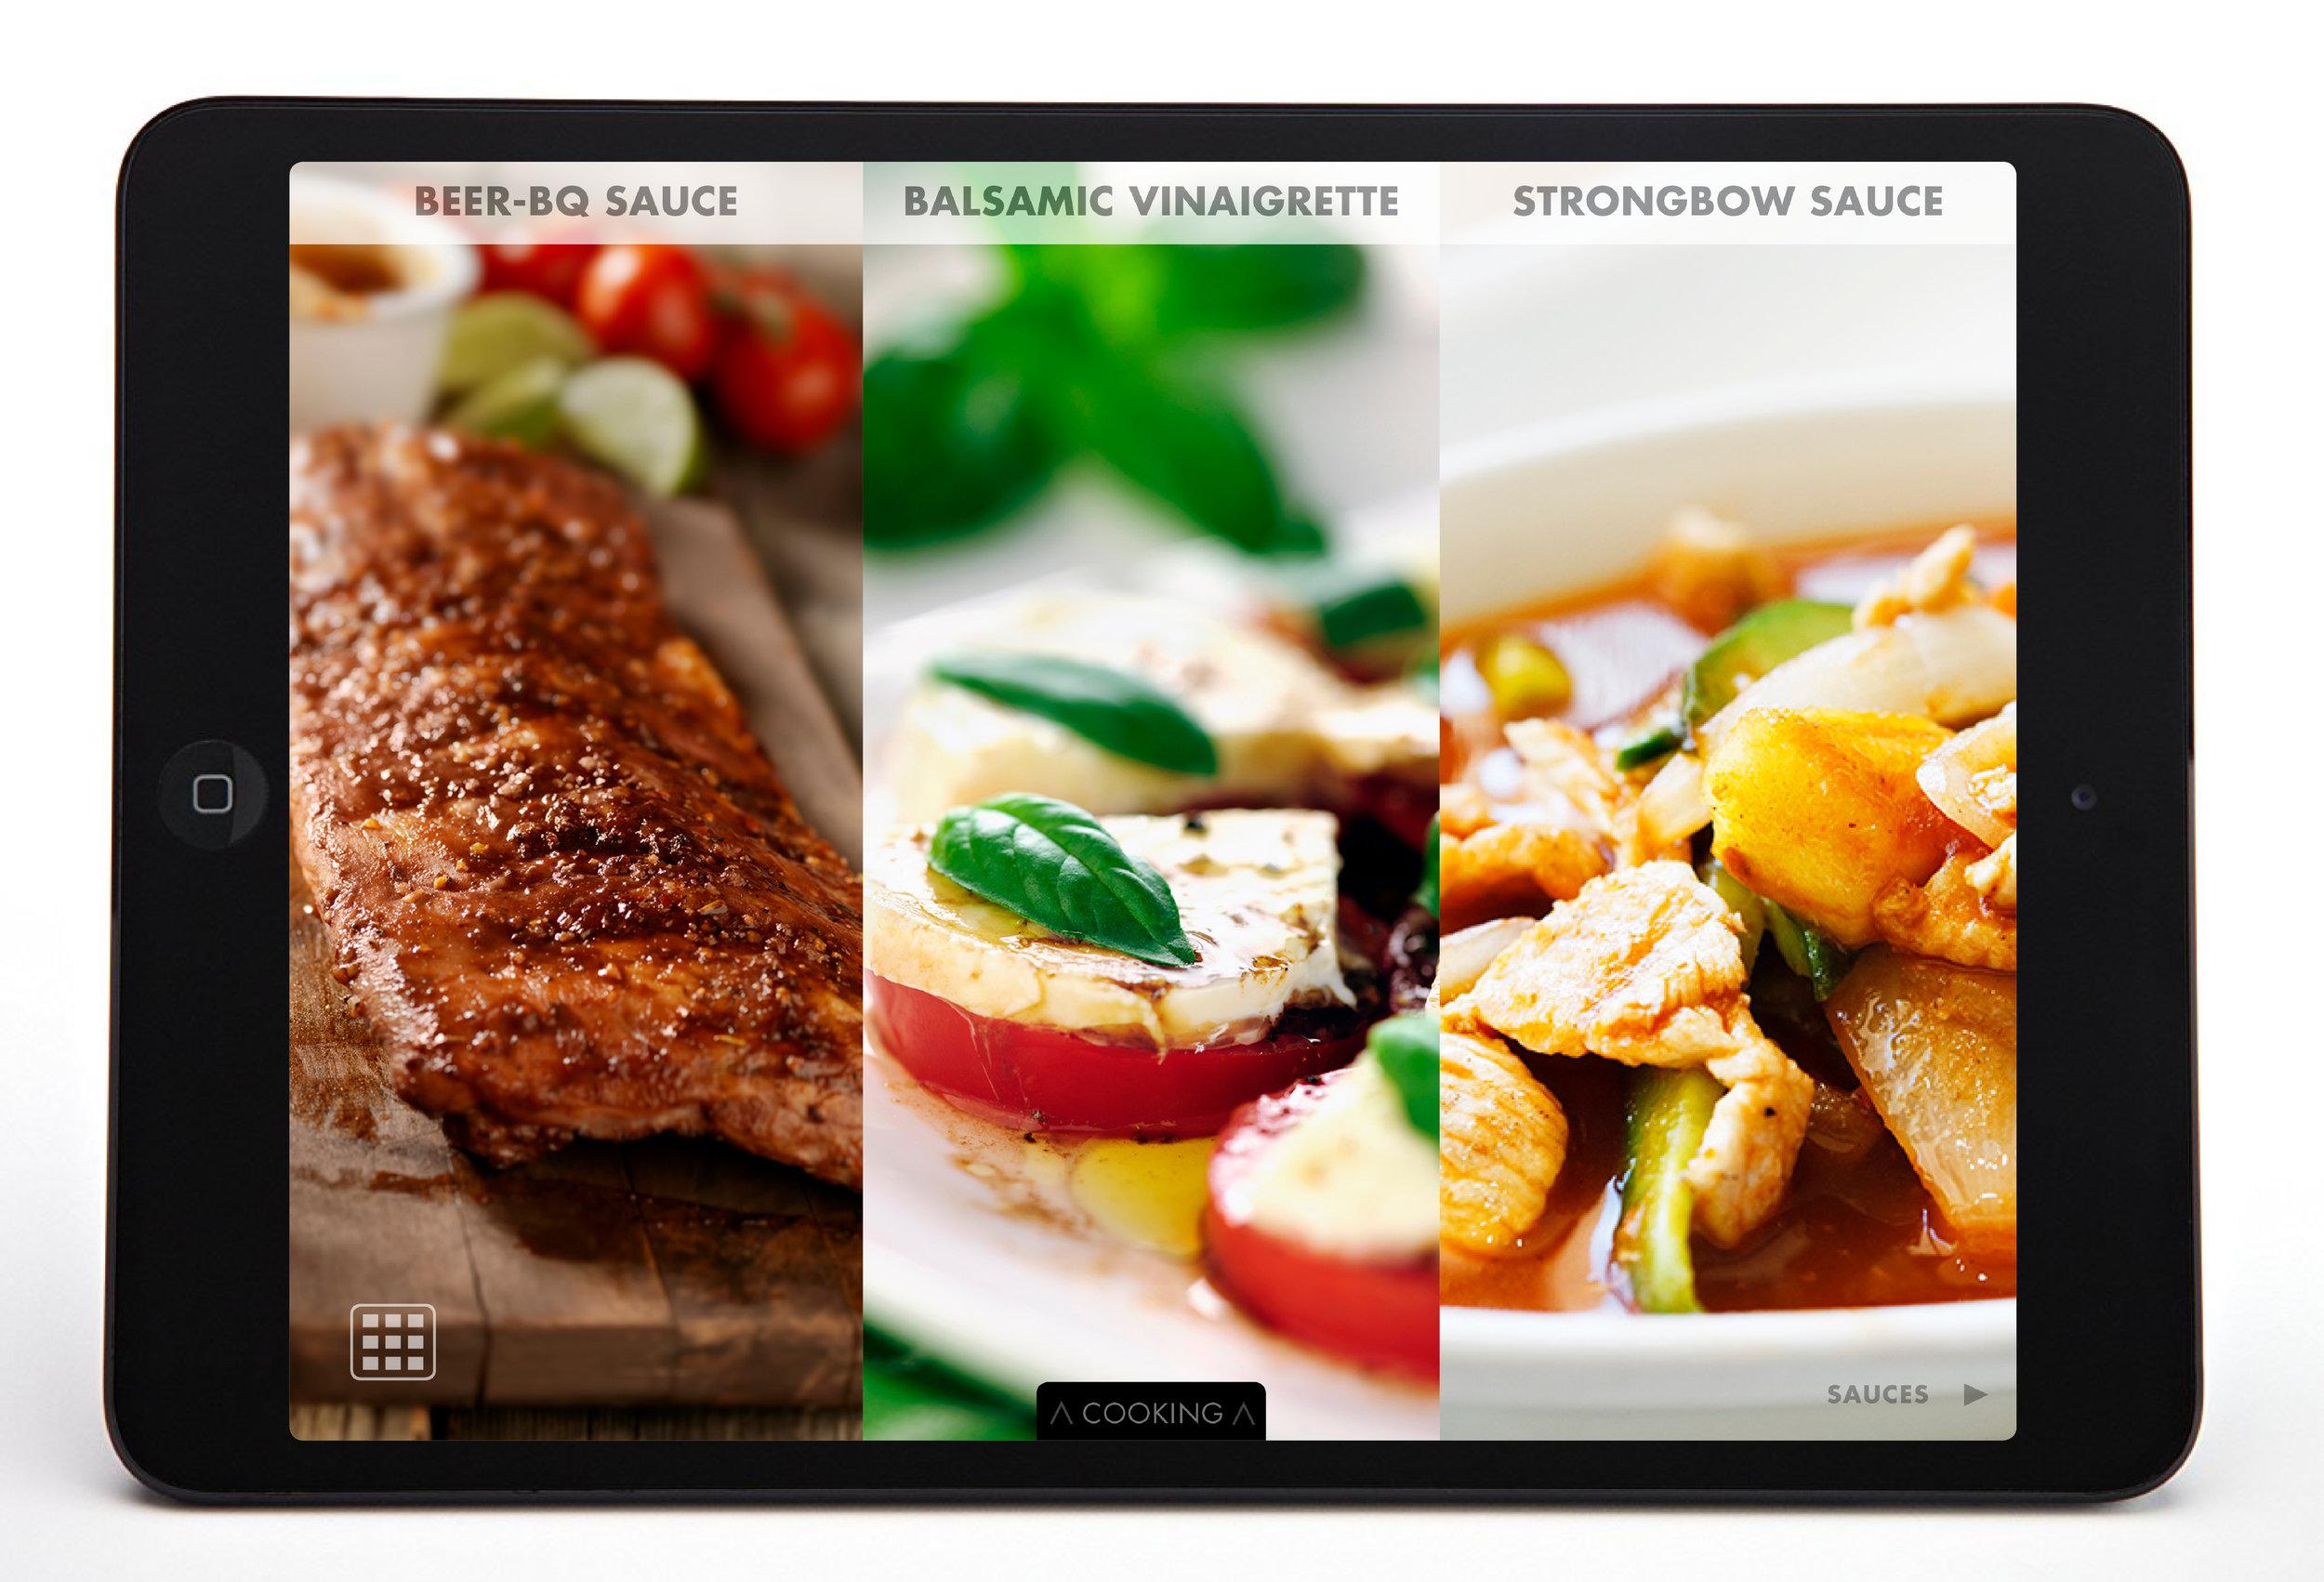 Heineken-food&beer pairing-interactive book59.jpg